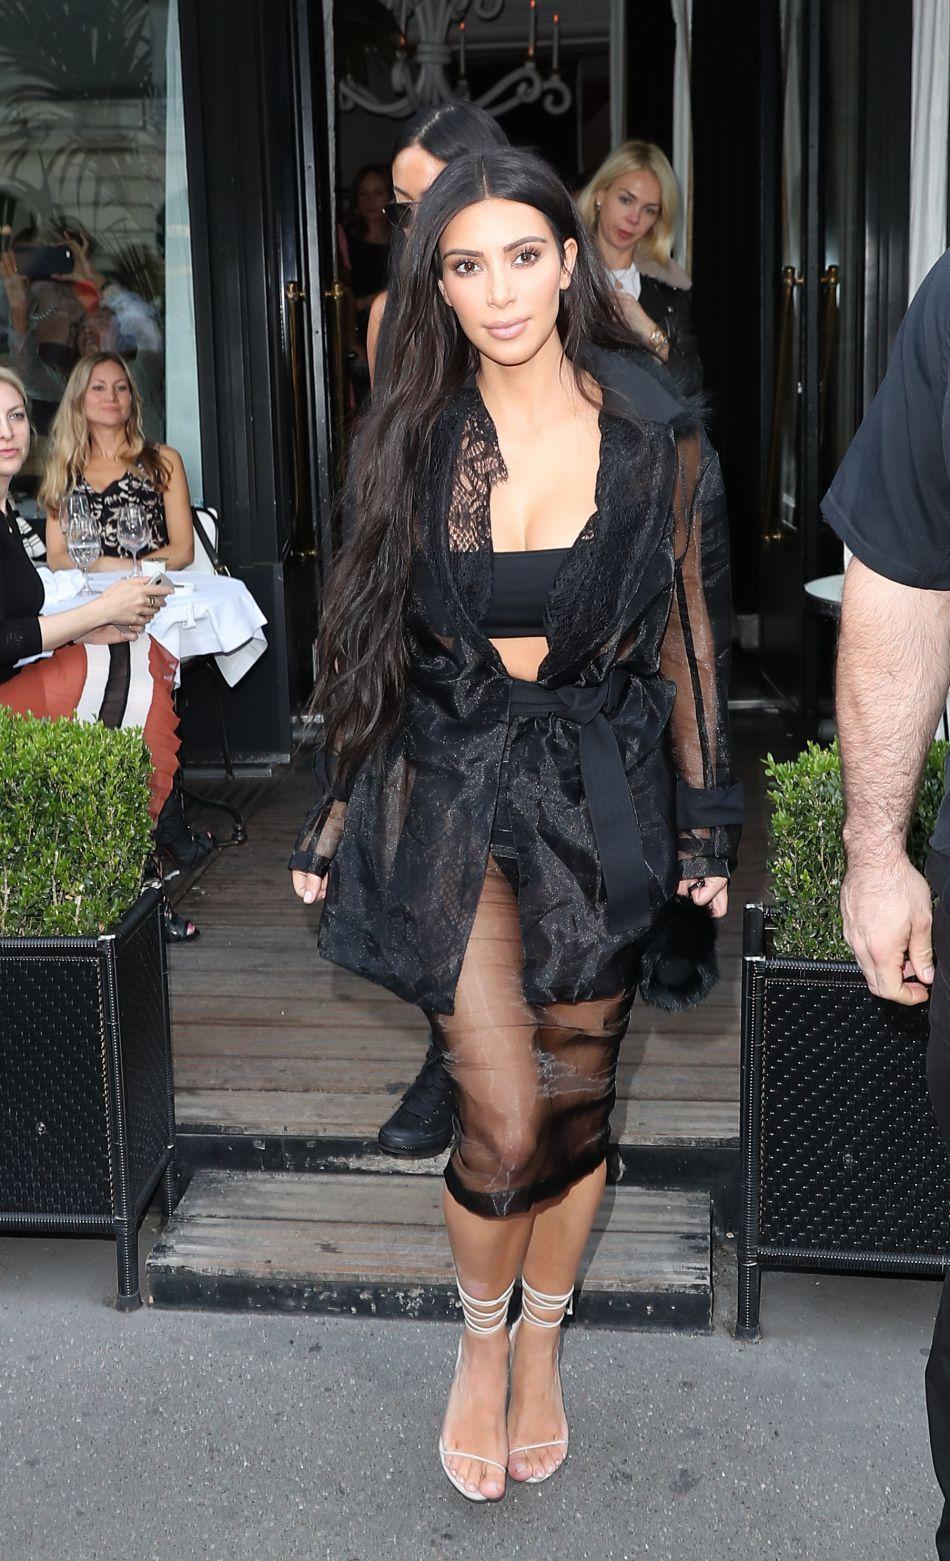 En plus du traumatisme, Kim Kardashian a perdu quelque dix millions d\u0027euros  de